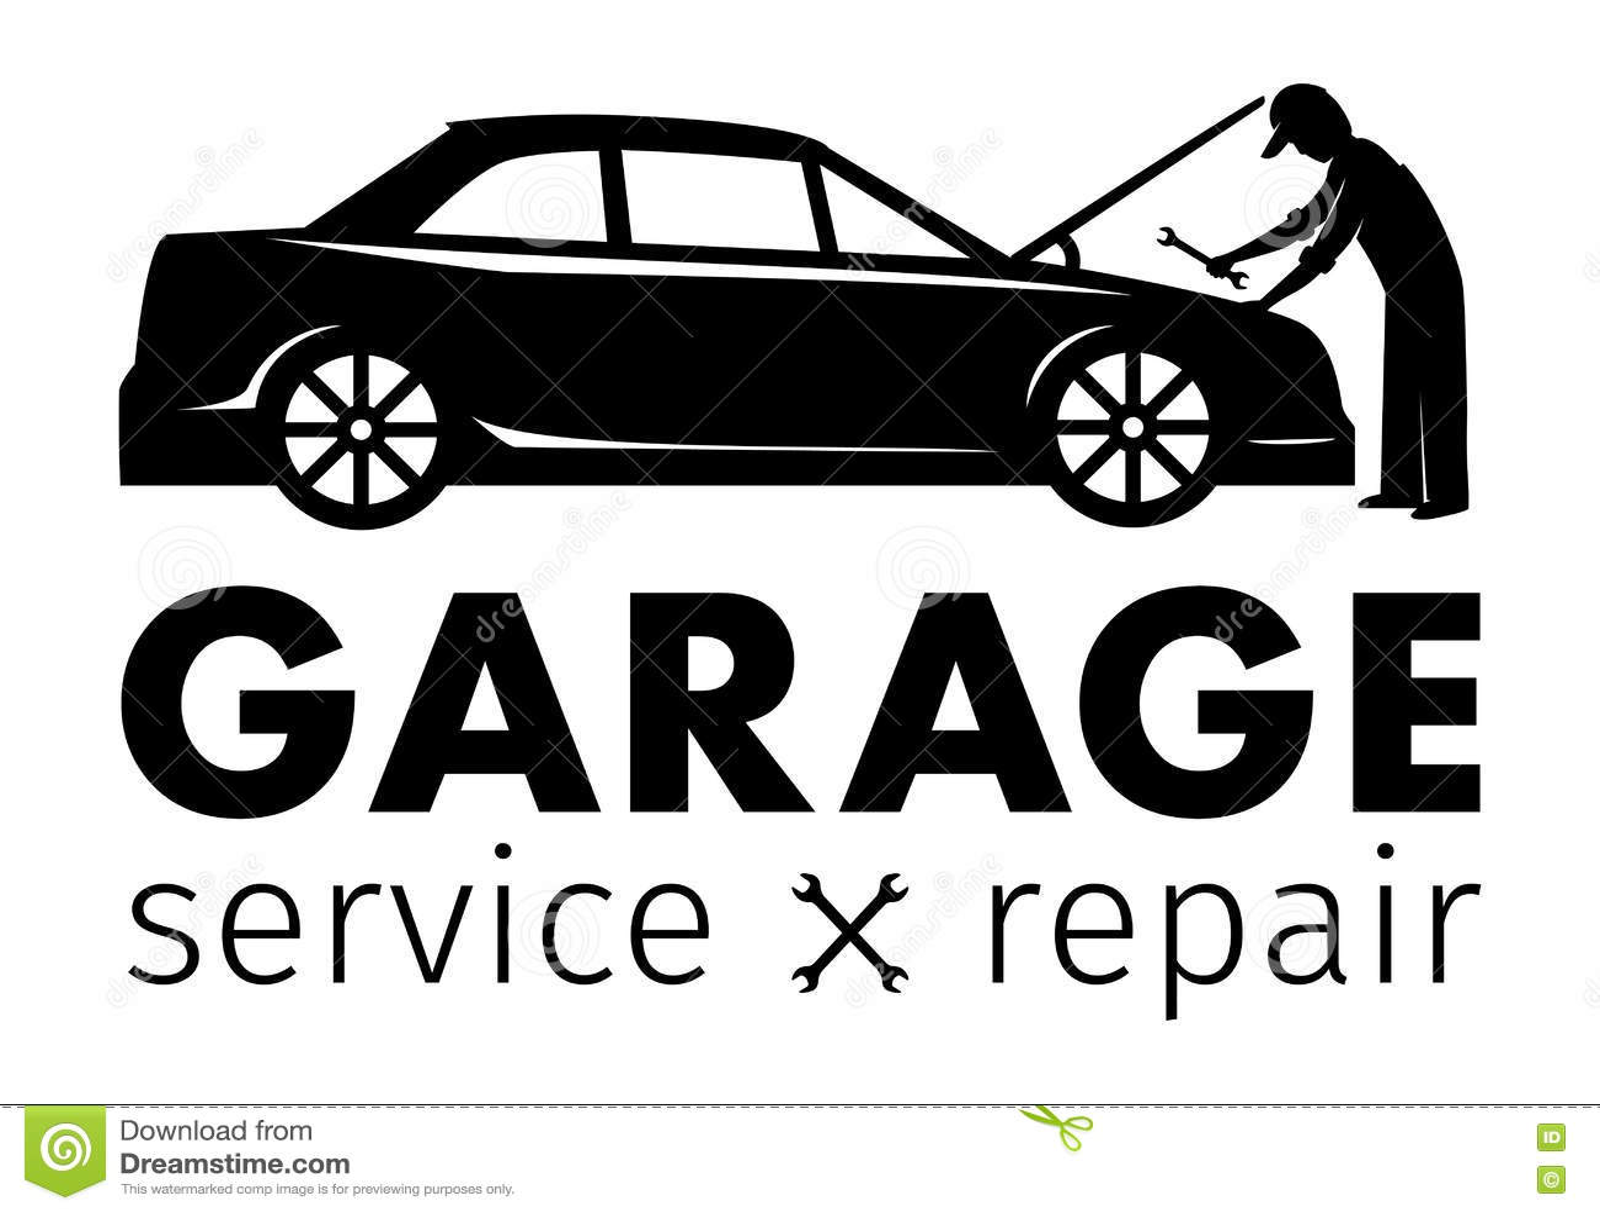 Centro, Servicio Y Logotipo Autos De La Reparación, Plantilla Del ...